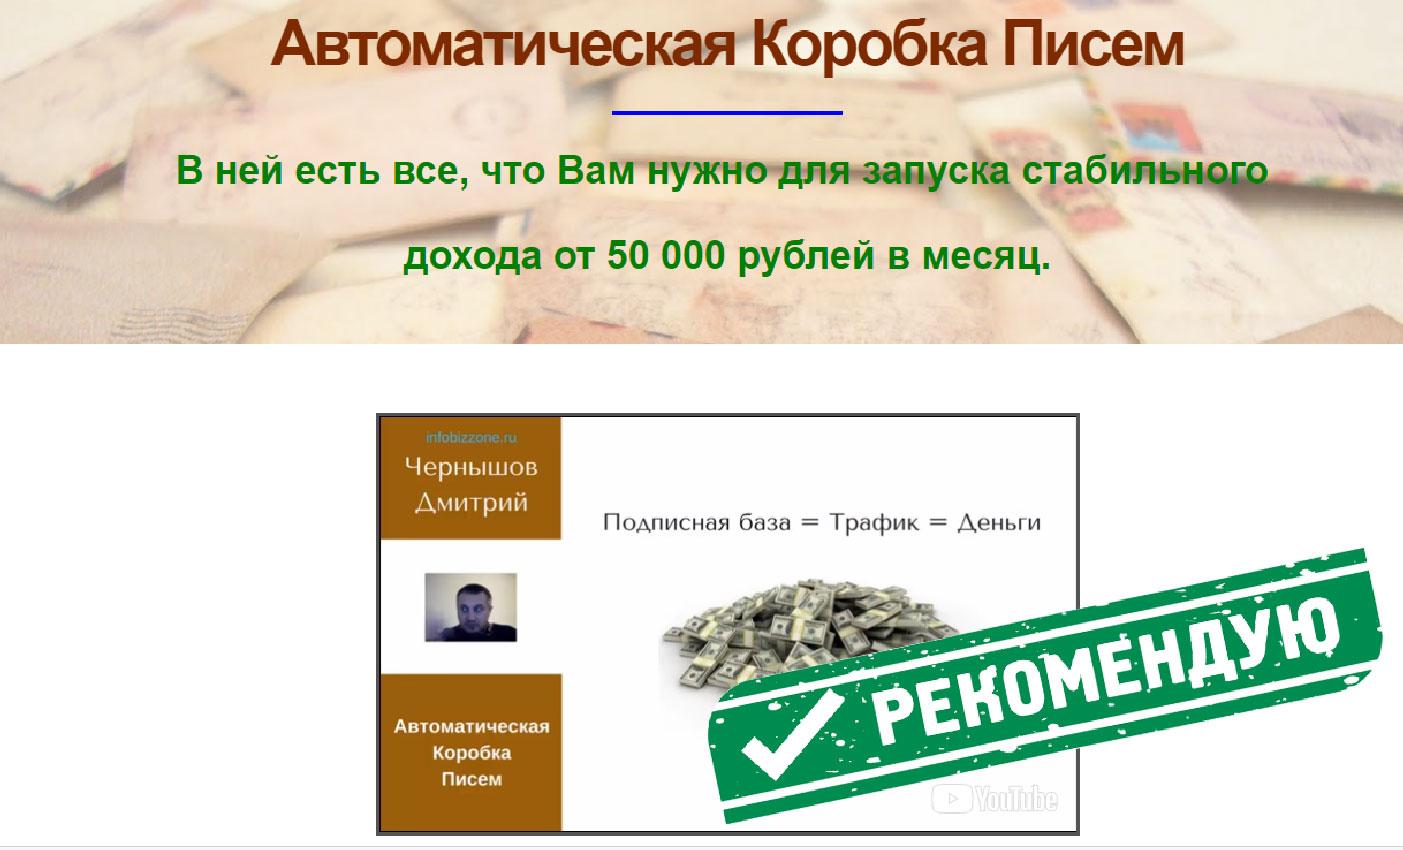 Автоматическая Коробка Писем - стабильно от 50000 руб в месяц.